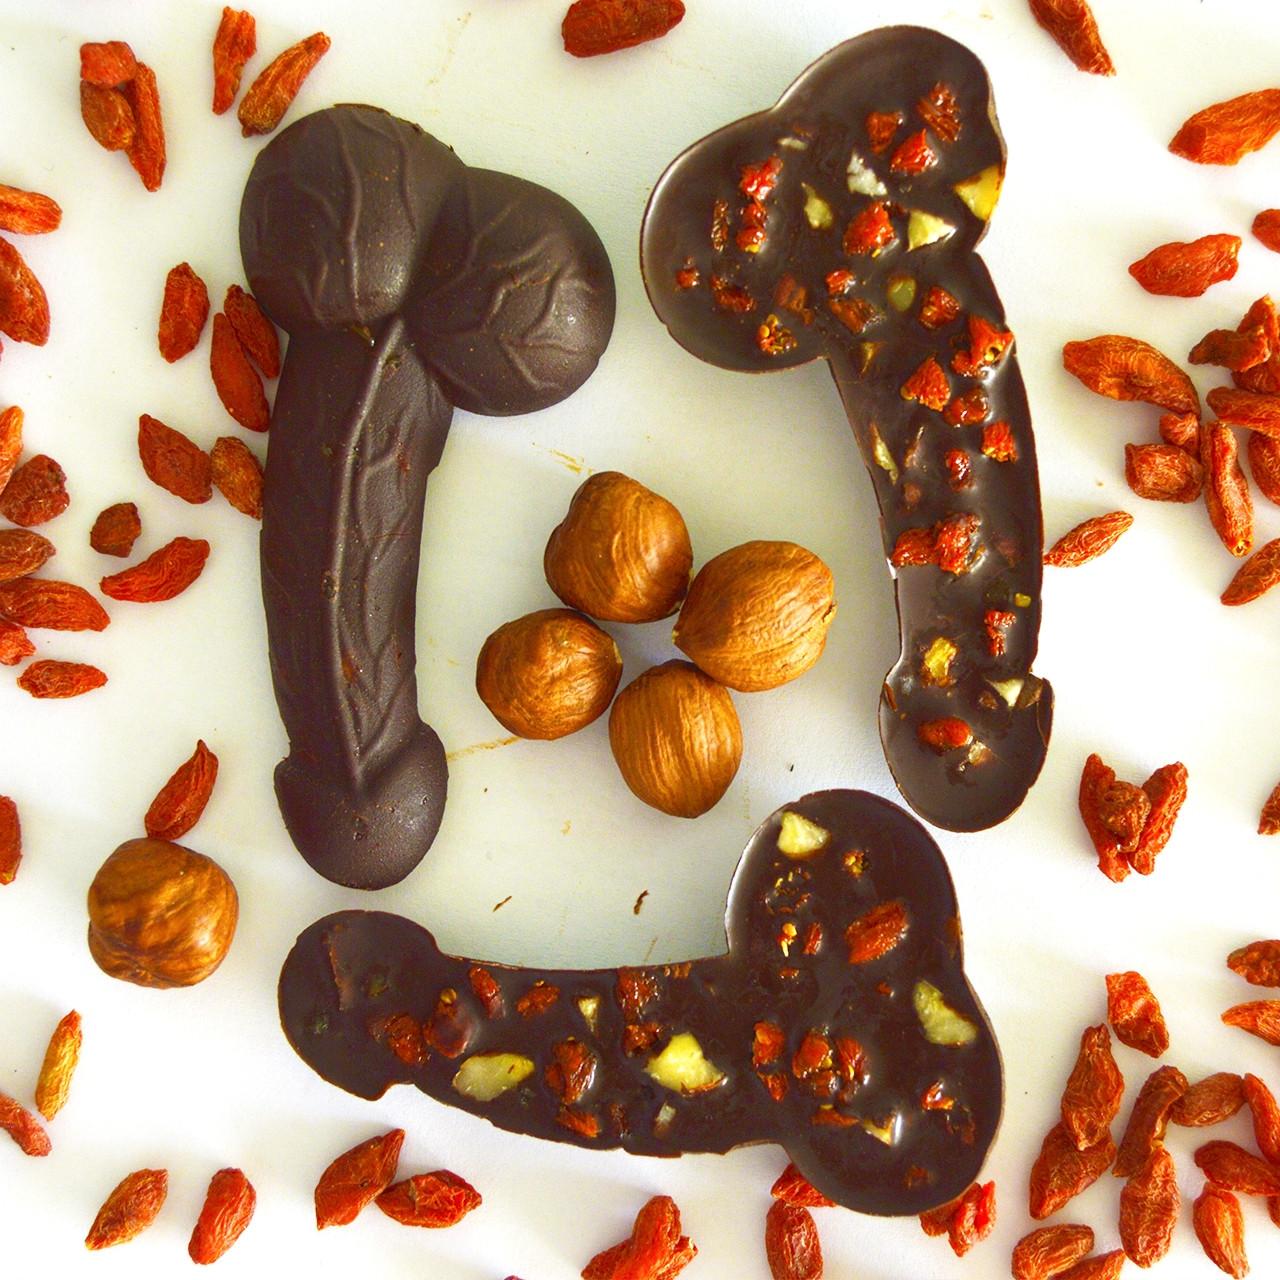 Член из шоколада м киев